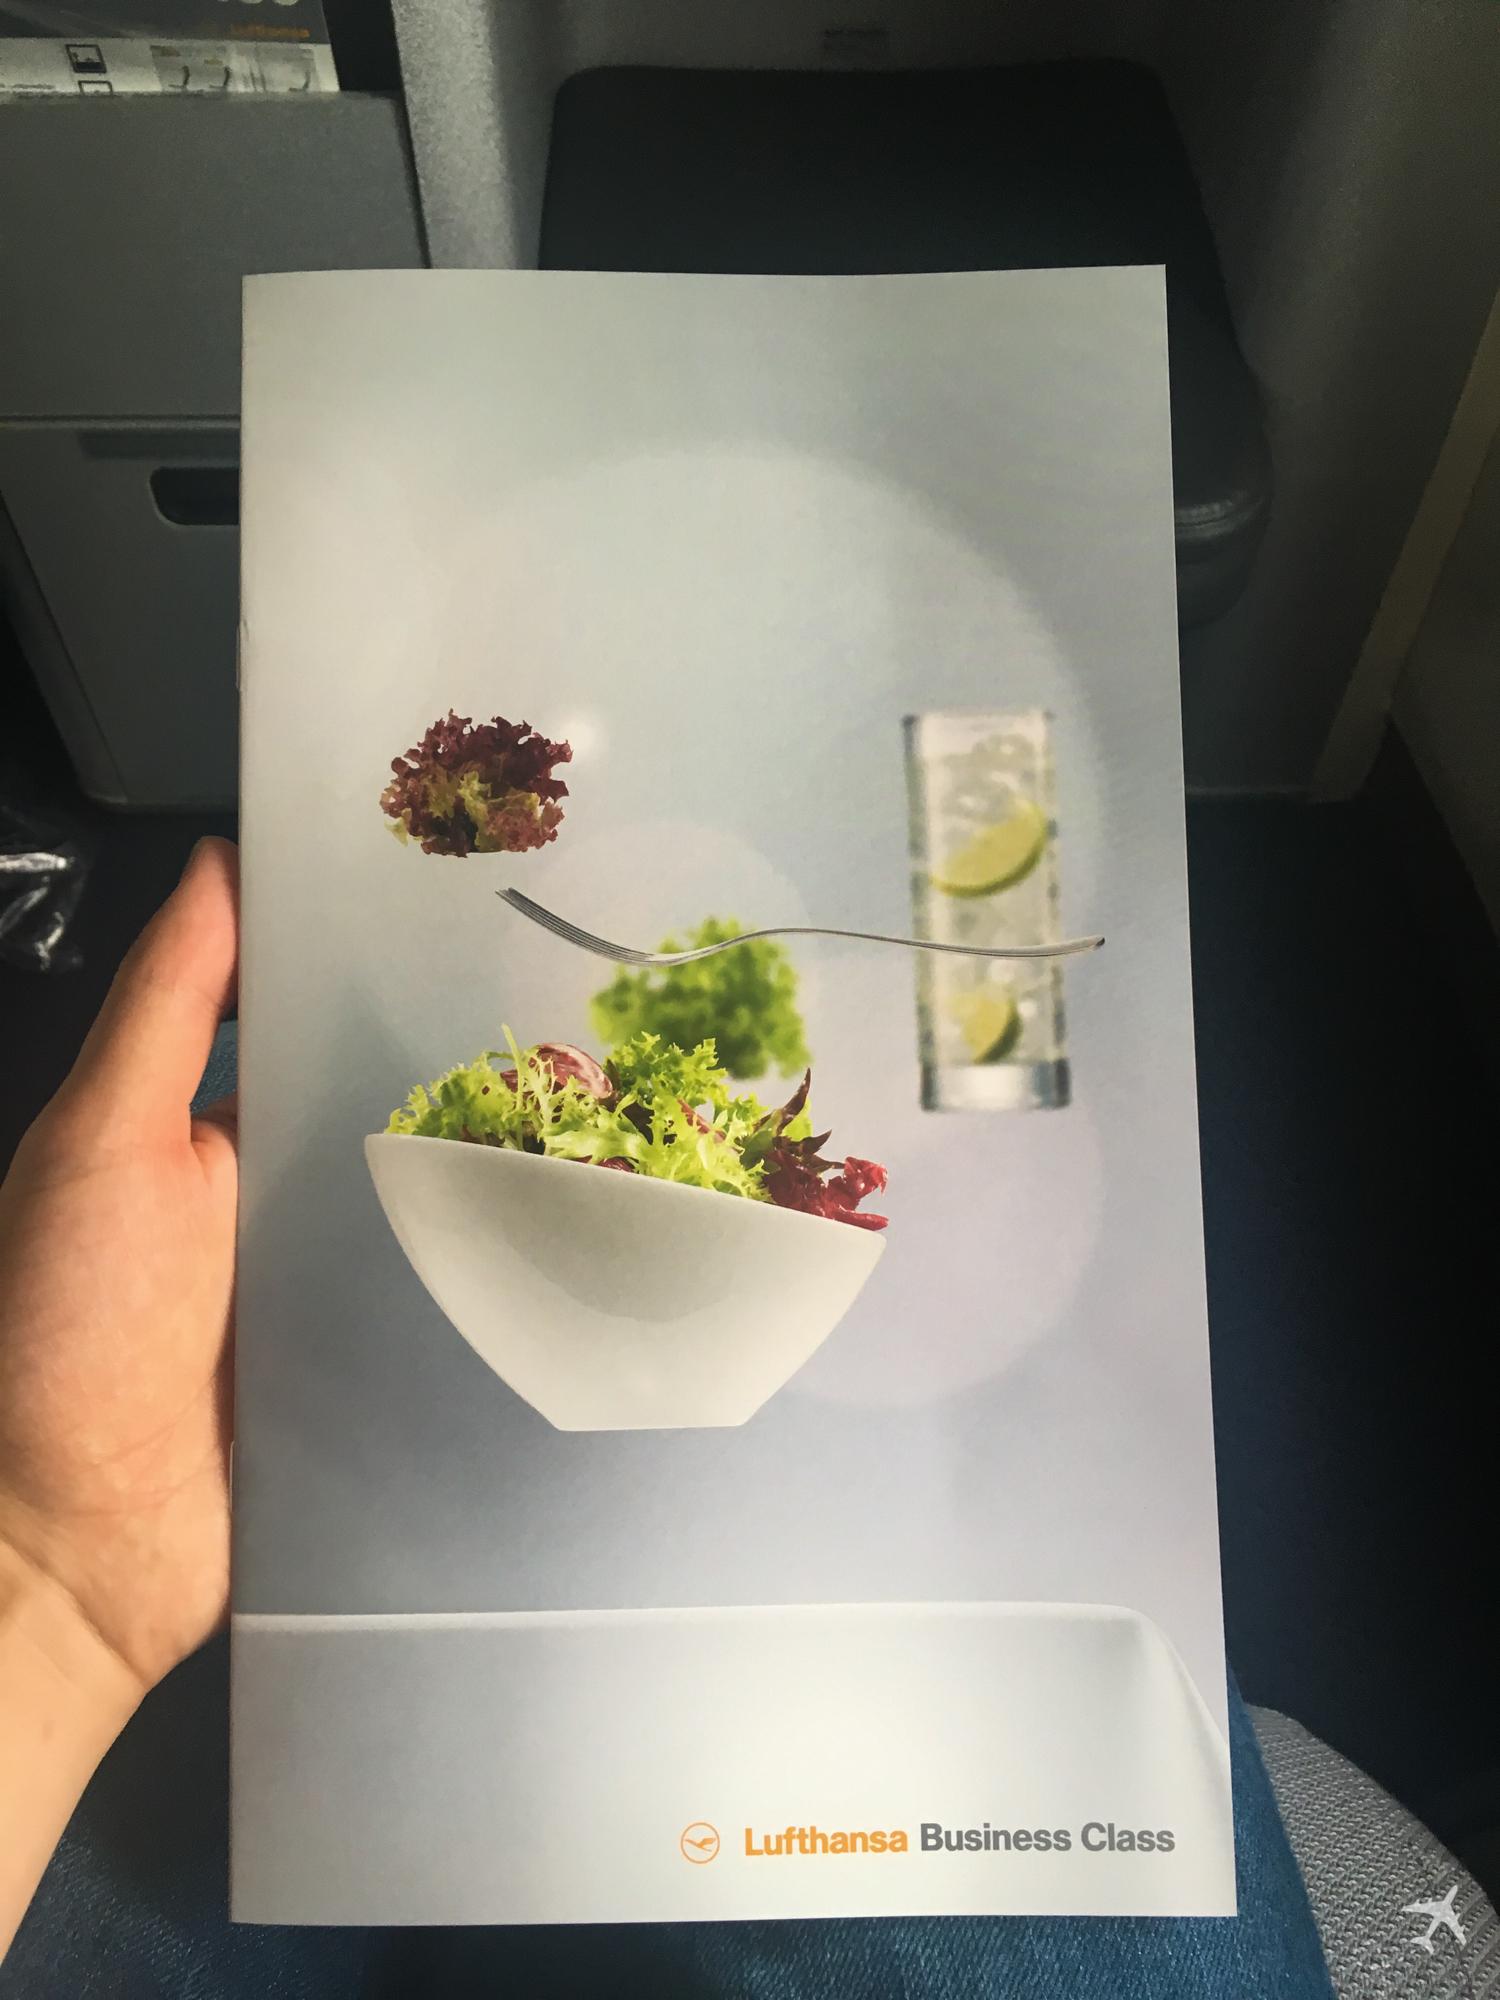 Lufthansa Business Class Menü